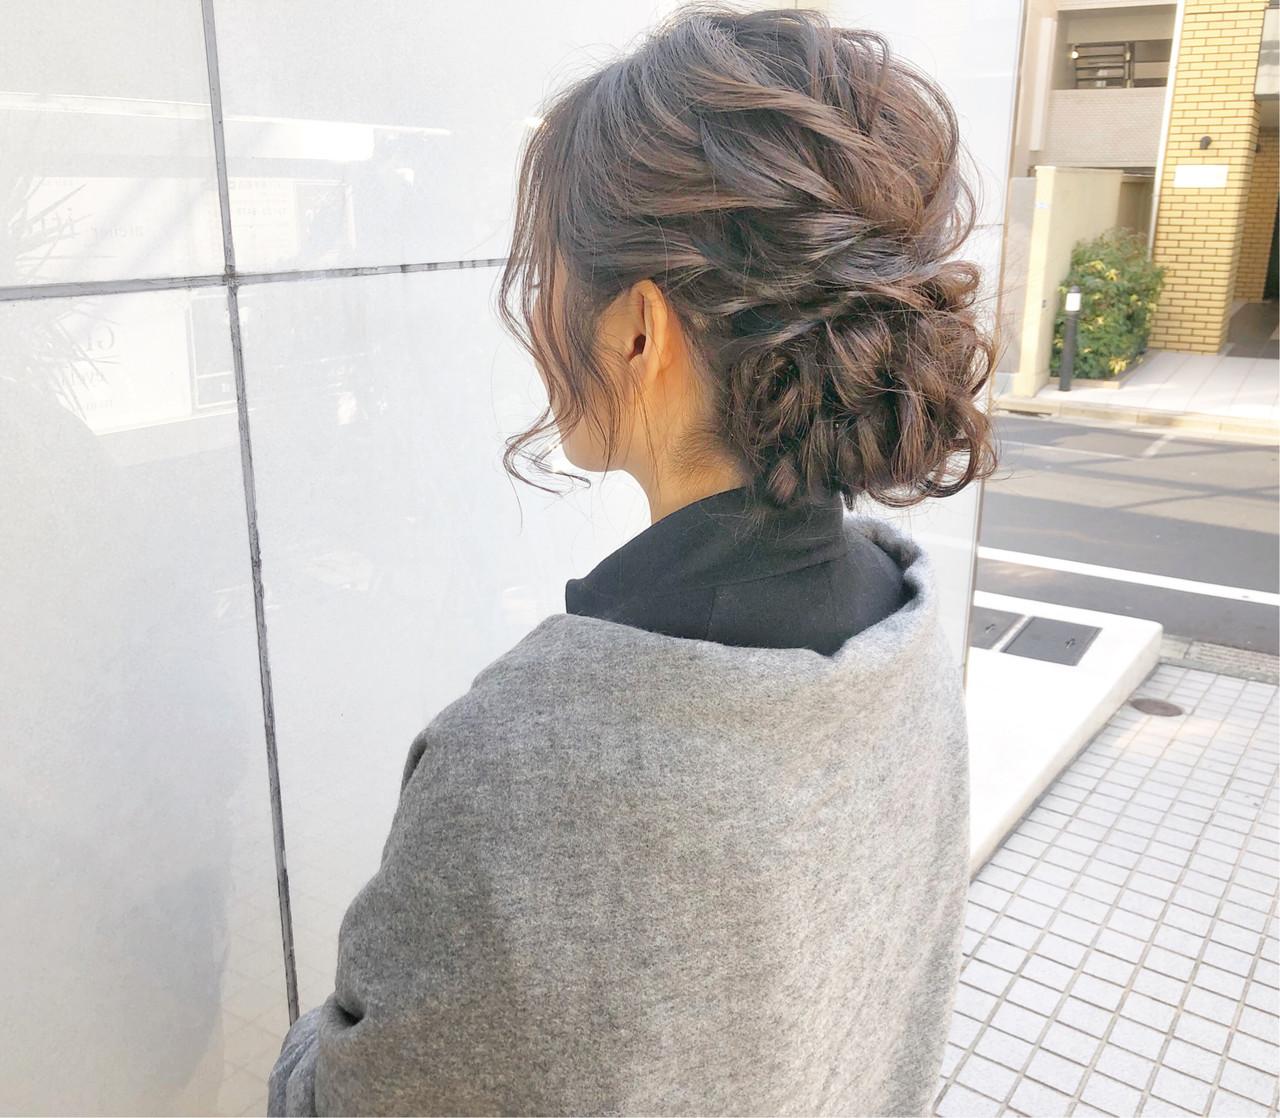 シニヨンアレンジ✨ . カッチリせず抜け感のあるアレンジスタイルにしております? . . . シンプルなのに目を惹く様なスタイルが今っぽいアレンジです‼️ . . . 作りがシンプルな分、 『フォルム』と『質感』には、しっかりと拘りを持って作っています‼️ . . . ⭕️女性らしい曲線的で丸みのあるフォルム!毛量が多い方でも少ない方でもヘアセットでは誰もが綺麗なフォルム(形)になれるんです✨ . . . ⭕️黒髪やハイトーンなど髪色に合わせた波ウェーブや編み込みでの質感チェンジ✨ . . . 組み合わせで、その人に合ったヘアアレンジを致します! . . . ワンランク上の素敵なヘアアレンジをしてみませんか❓? . . . . ☑︎他のサロンでイメージ通りにならなかった ☑︎髪が短くてアップにできるか不安 ☑︎途中で崩れてしまった ☑︎ボリュームが出づらい ☑︎硬毛や軟毛で悩んでいる ☑︎ドレスや自分に合うスタイルが知りたい ☑︎ルーズで柔らかいスタイルが好きだけど崩れないか不安 . 等という方は是非お任せ下さい‼️ . . . 【美容師歴7年】 美容の激戦区と言われる表参道で ずっと美容師をしてきました✂️ . 常に流行の最先端を行くこのエリアで ヘアアレンジに拘りを持ち続けてきました✨ . . その結果ヘアアレンジの新規指名数No. 1‼️ HOT PEPPER BEAUTY表参道青山エリアの上位ページにもスタイルが多数✂️ . . . 華やかだけどカッチリし過ぎない‼️ シンプルなのにどこか目を惹くような柔らかいヘアアレンジが得意です?♂️✨ . . . ヘアアレンジは『可愛い』はもちろんですが、『崩れない』ことも大事にしています‼️ . . 来て頂いたお客様一人ひとりにご満足とご安心を頂けるようにこの2つは常に意識しております☘️✨ . . . . 最近はインスタを見てご来店される方が増えてます?♂️ . 『デザインが好きで!』と言って 遠い式場でも、わざわざ足を運んで頂くことが多いです?✨ . . 美容室が多い表参道エリアの中で僕を選んで頂ける事が本当に嬉しくて?♂️ その期待にお応えできるよう日々精進しています?✨ . . . ご予約は直接DM、または電話0334781457. ホットペッパービューティからお願い致します?♂️. . 早朝セットのご予約はお電話かDMからお願い致します⭐️ . . セット料金4000円.主要時間30分〜40分 早朝も4000円(現金のみ) . . . . ご新規様の他メニュー⭐️. . カット・カラー・トリートメント9240円 . カラー・トリートメント7020円 . カット・トリートメント4880円 . もちろんヘアセットと組み合わせも可能ですのでご連絡下さい?♂️ . . . 東京都渋谷区神宮前4-9-7ギャザリングコートB1 (表参道駅A2出口徒歩2分) . 美容室『CHIC表参道』 ✂️スタイリスト永田邦彦✂️